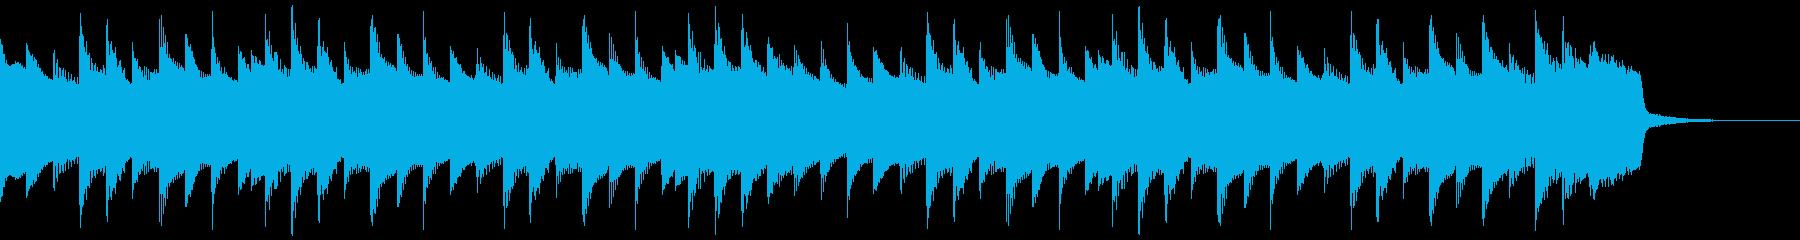 鉄琴を使ったほのぼのジングルの再生済みの波形